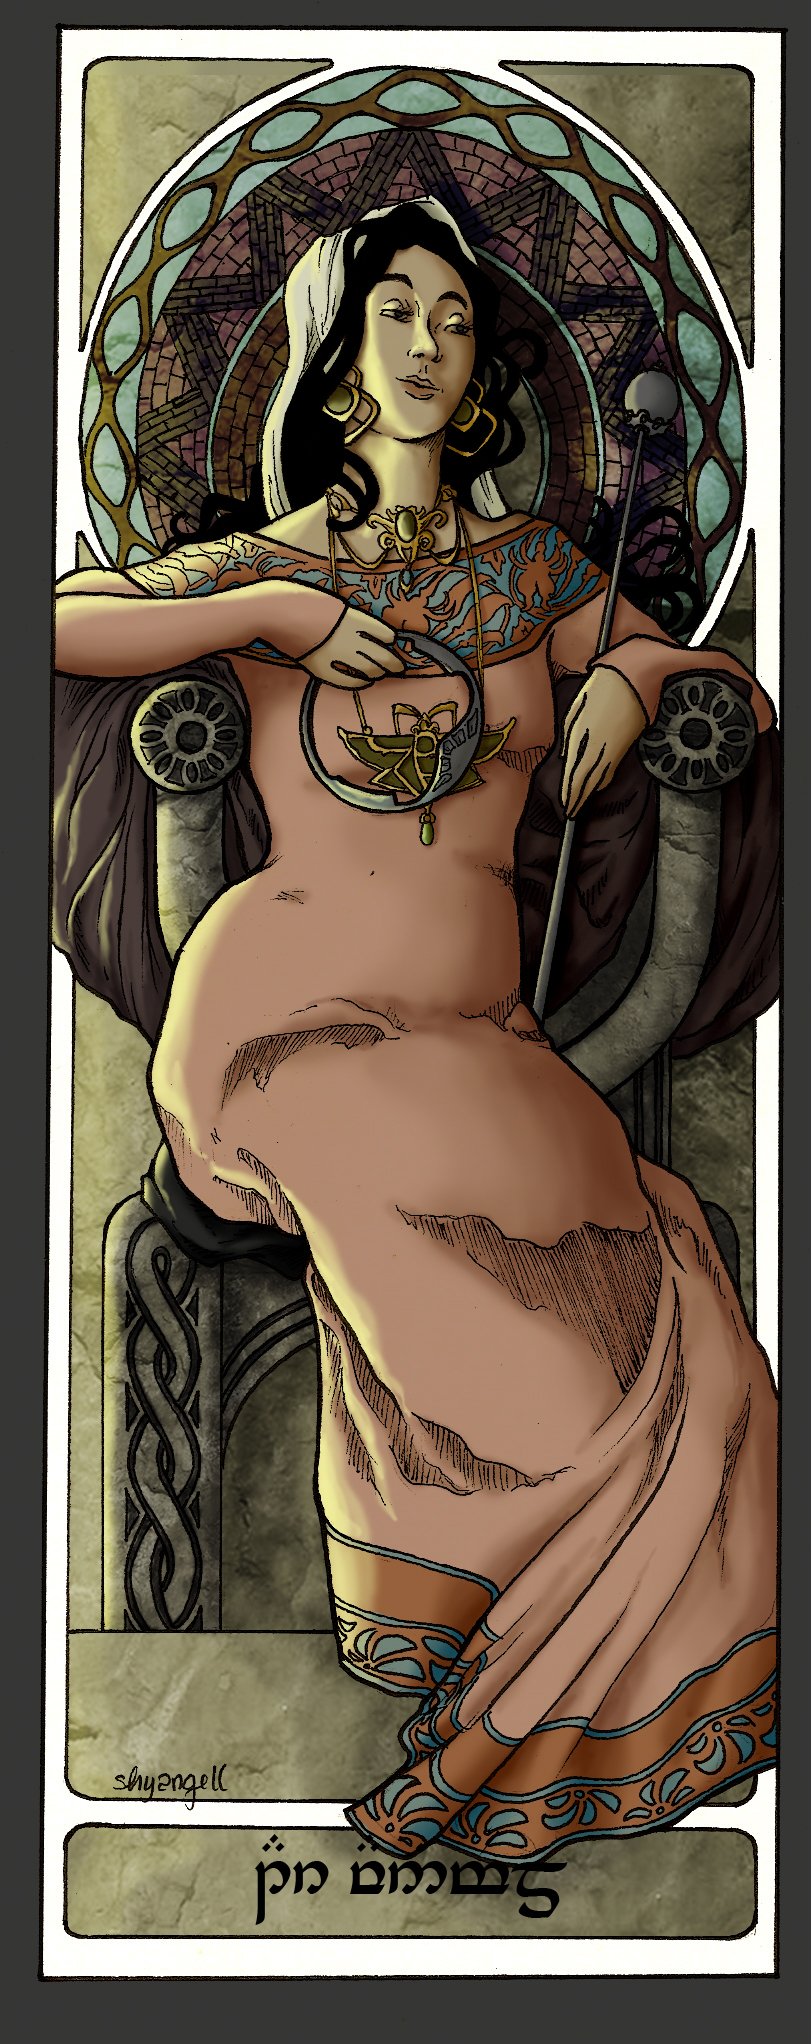 Queens Of Numenor - Tar-Vanimelde by shyangell